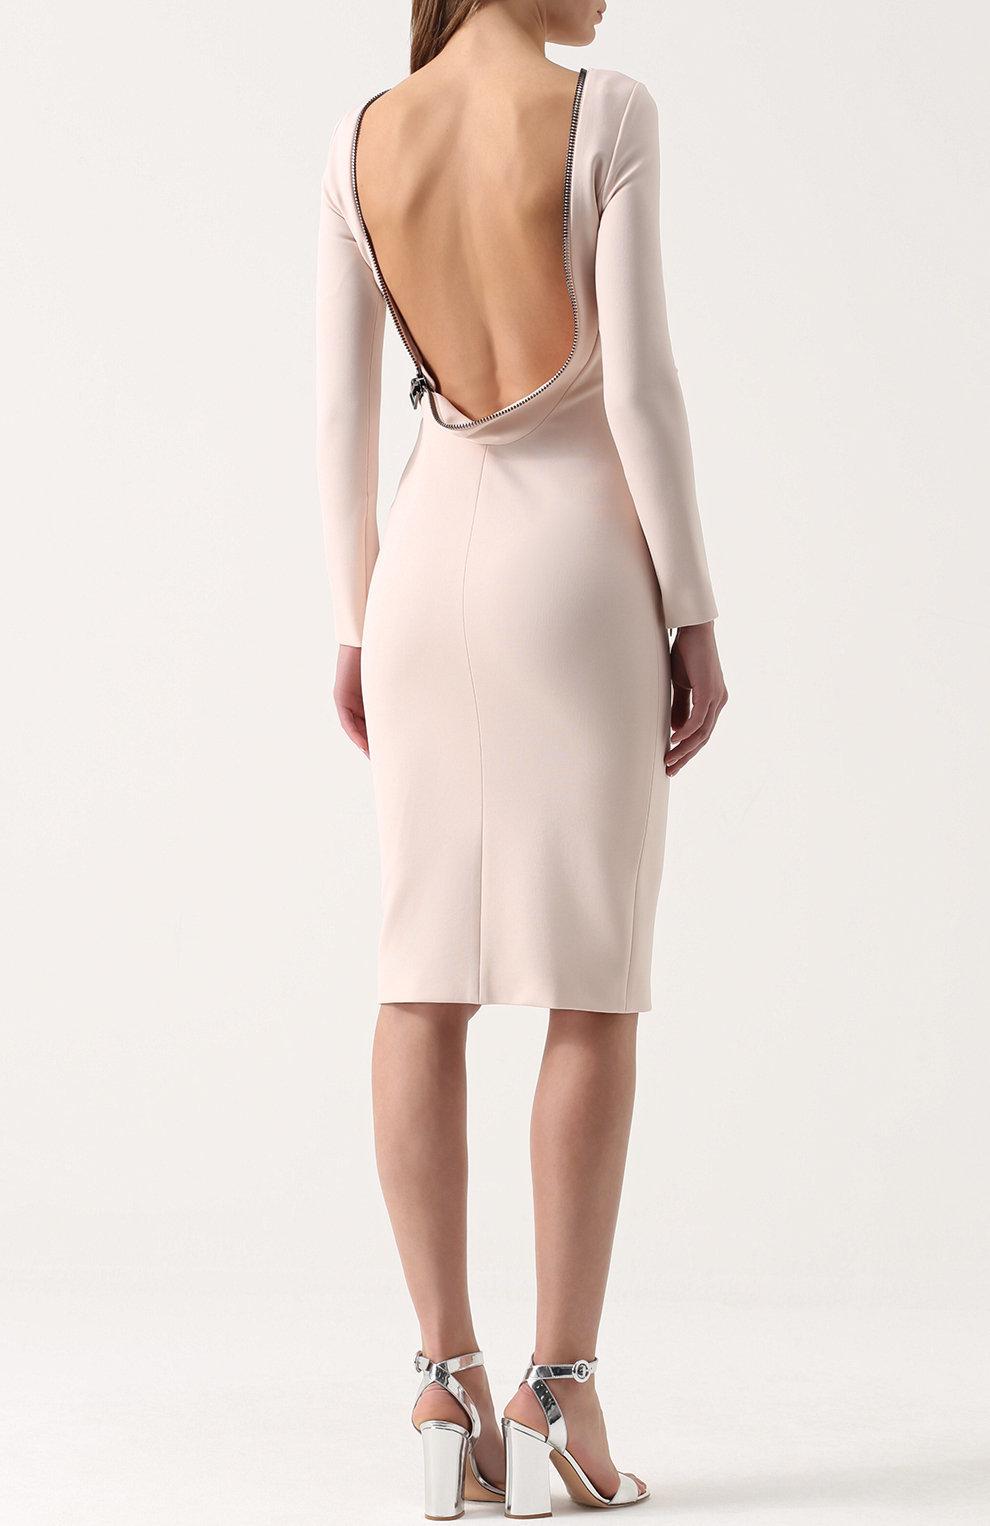 5b76eb47263 ... Женское светло-бежевое платье-футляр с длинным рукавом и открытой  спиной TOM FORD